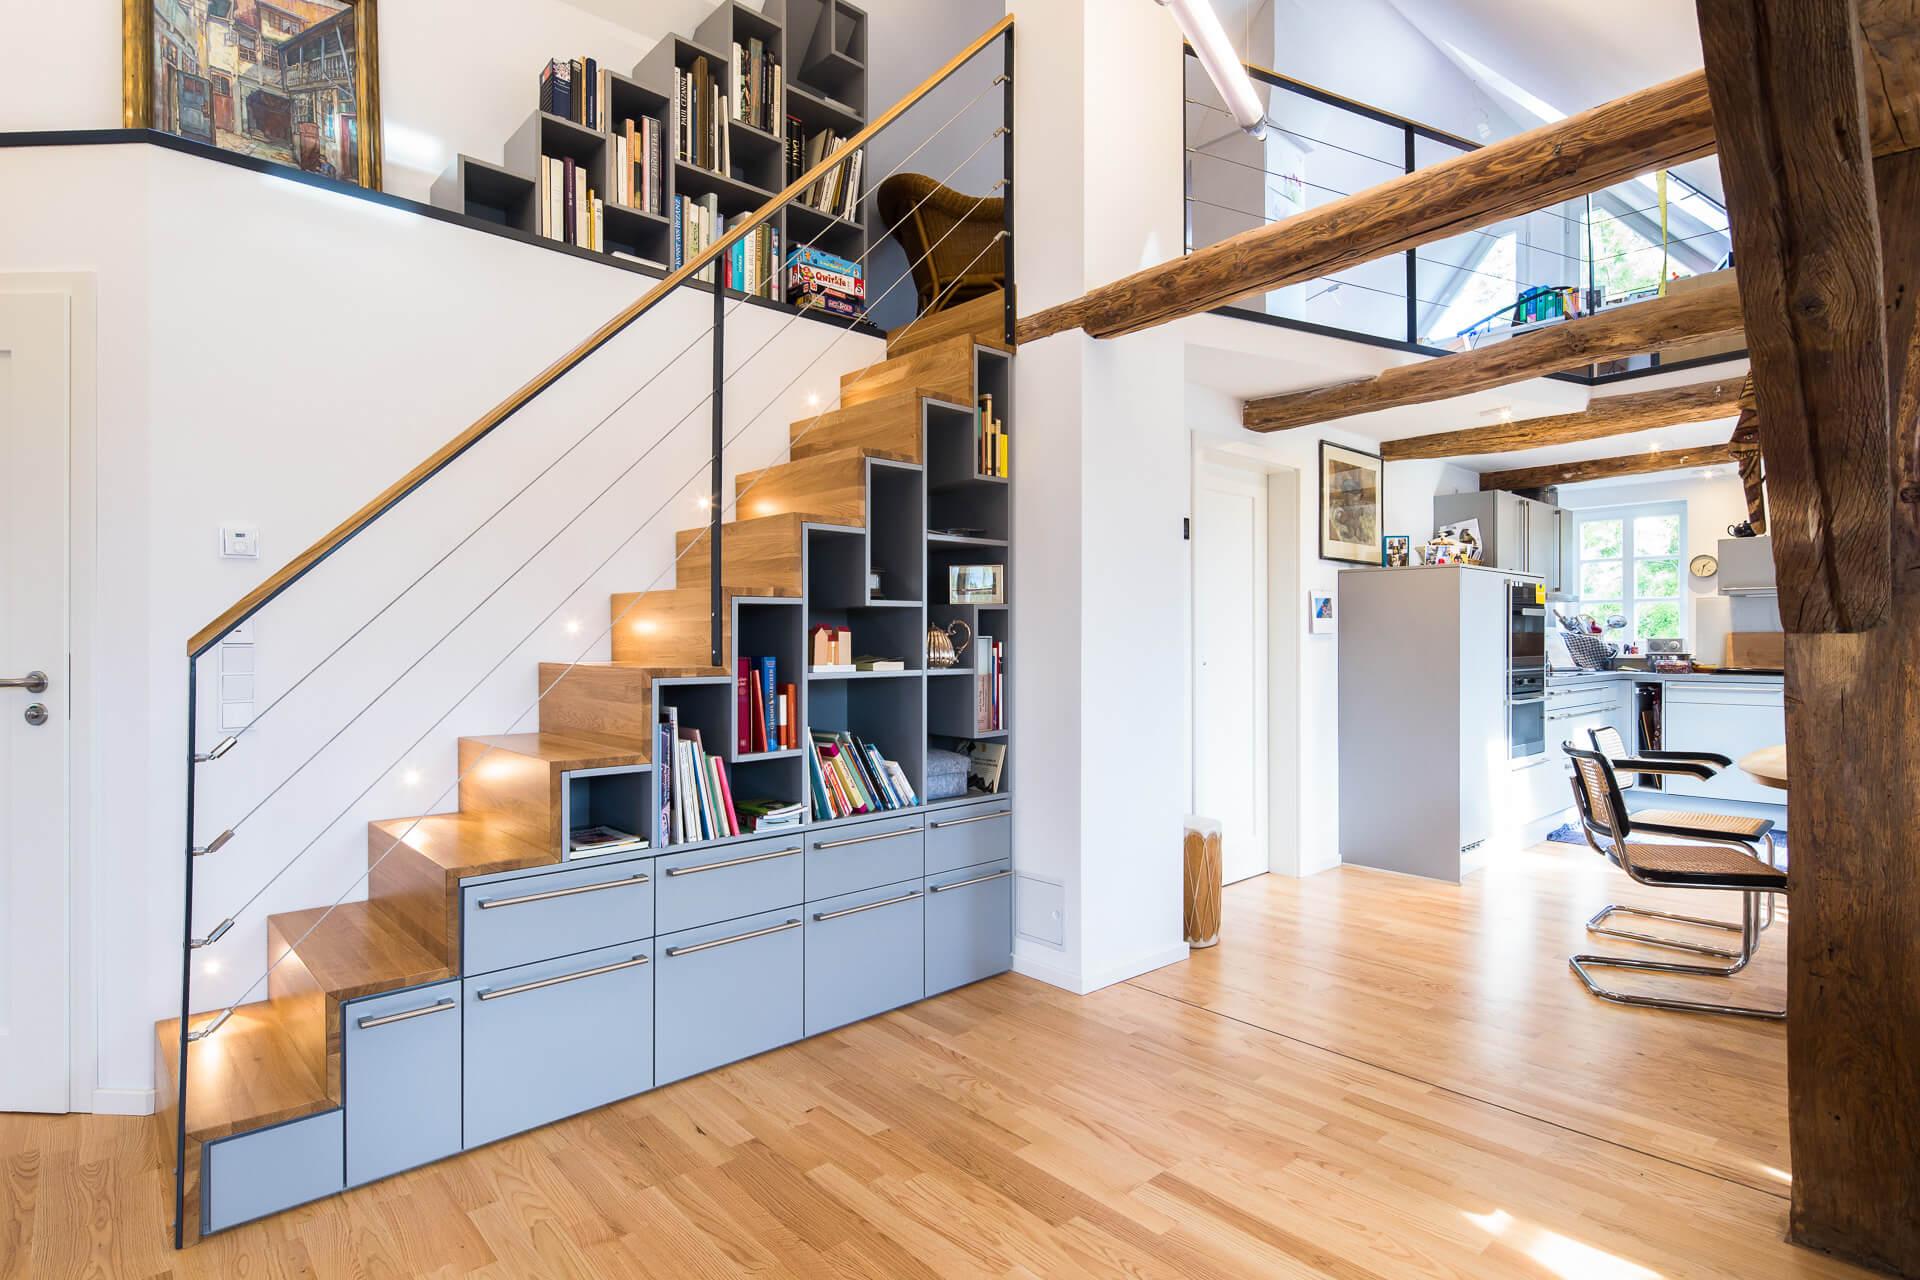 ryan baugestaltung unsere projekte fachwerkhaus g ttingen. Black Bedroom Furniture Sets. Home Design Ideas